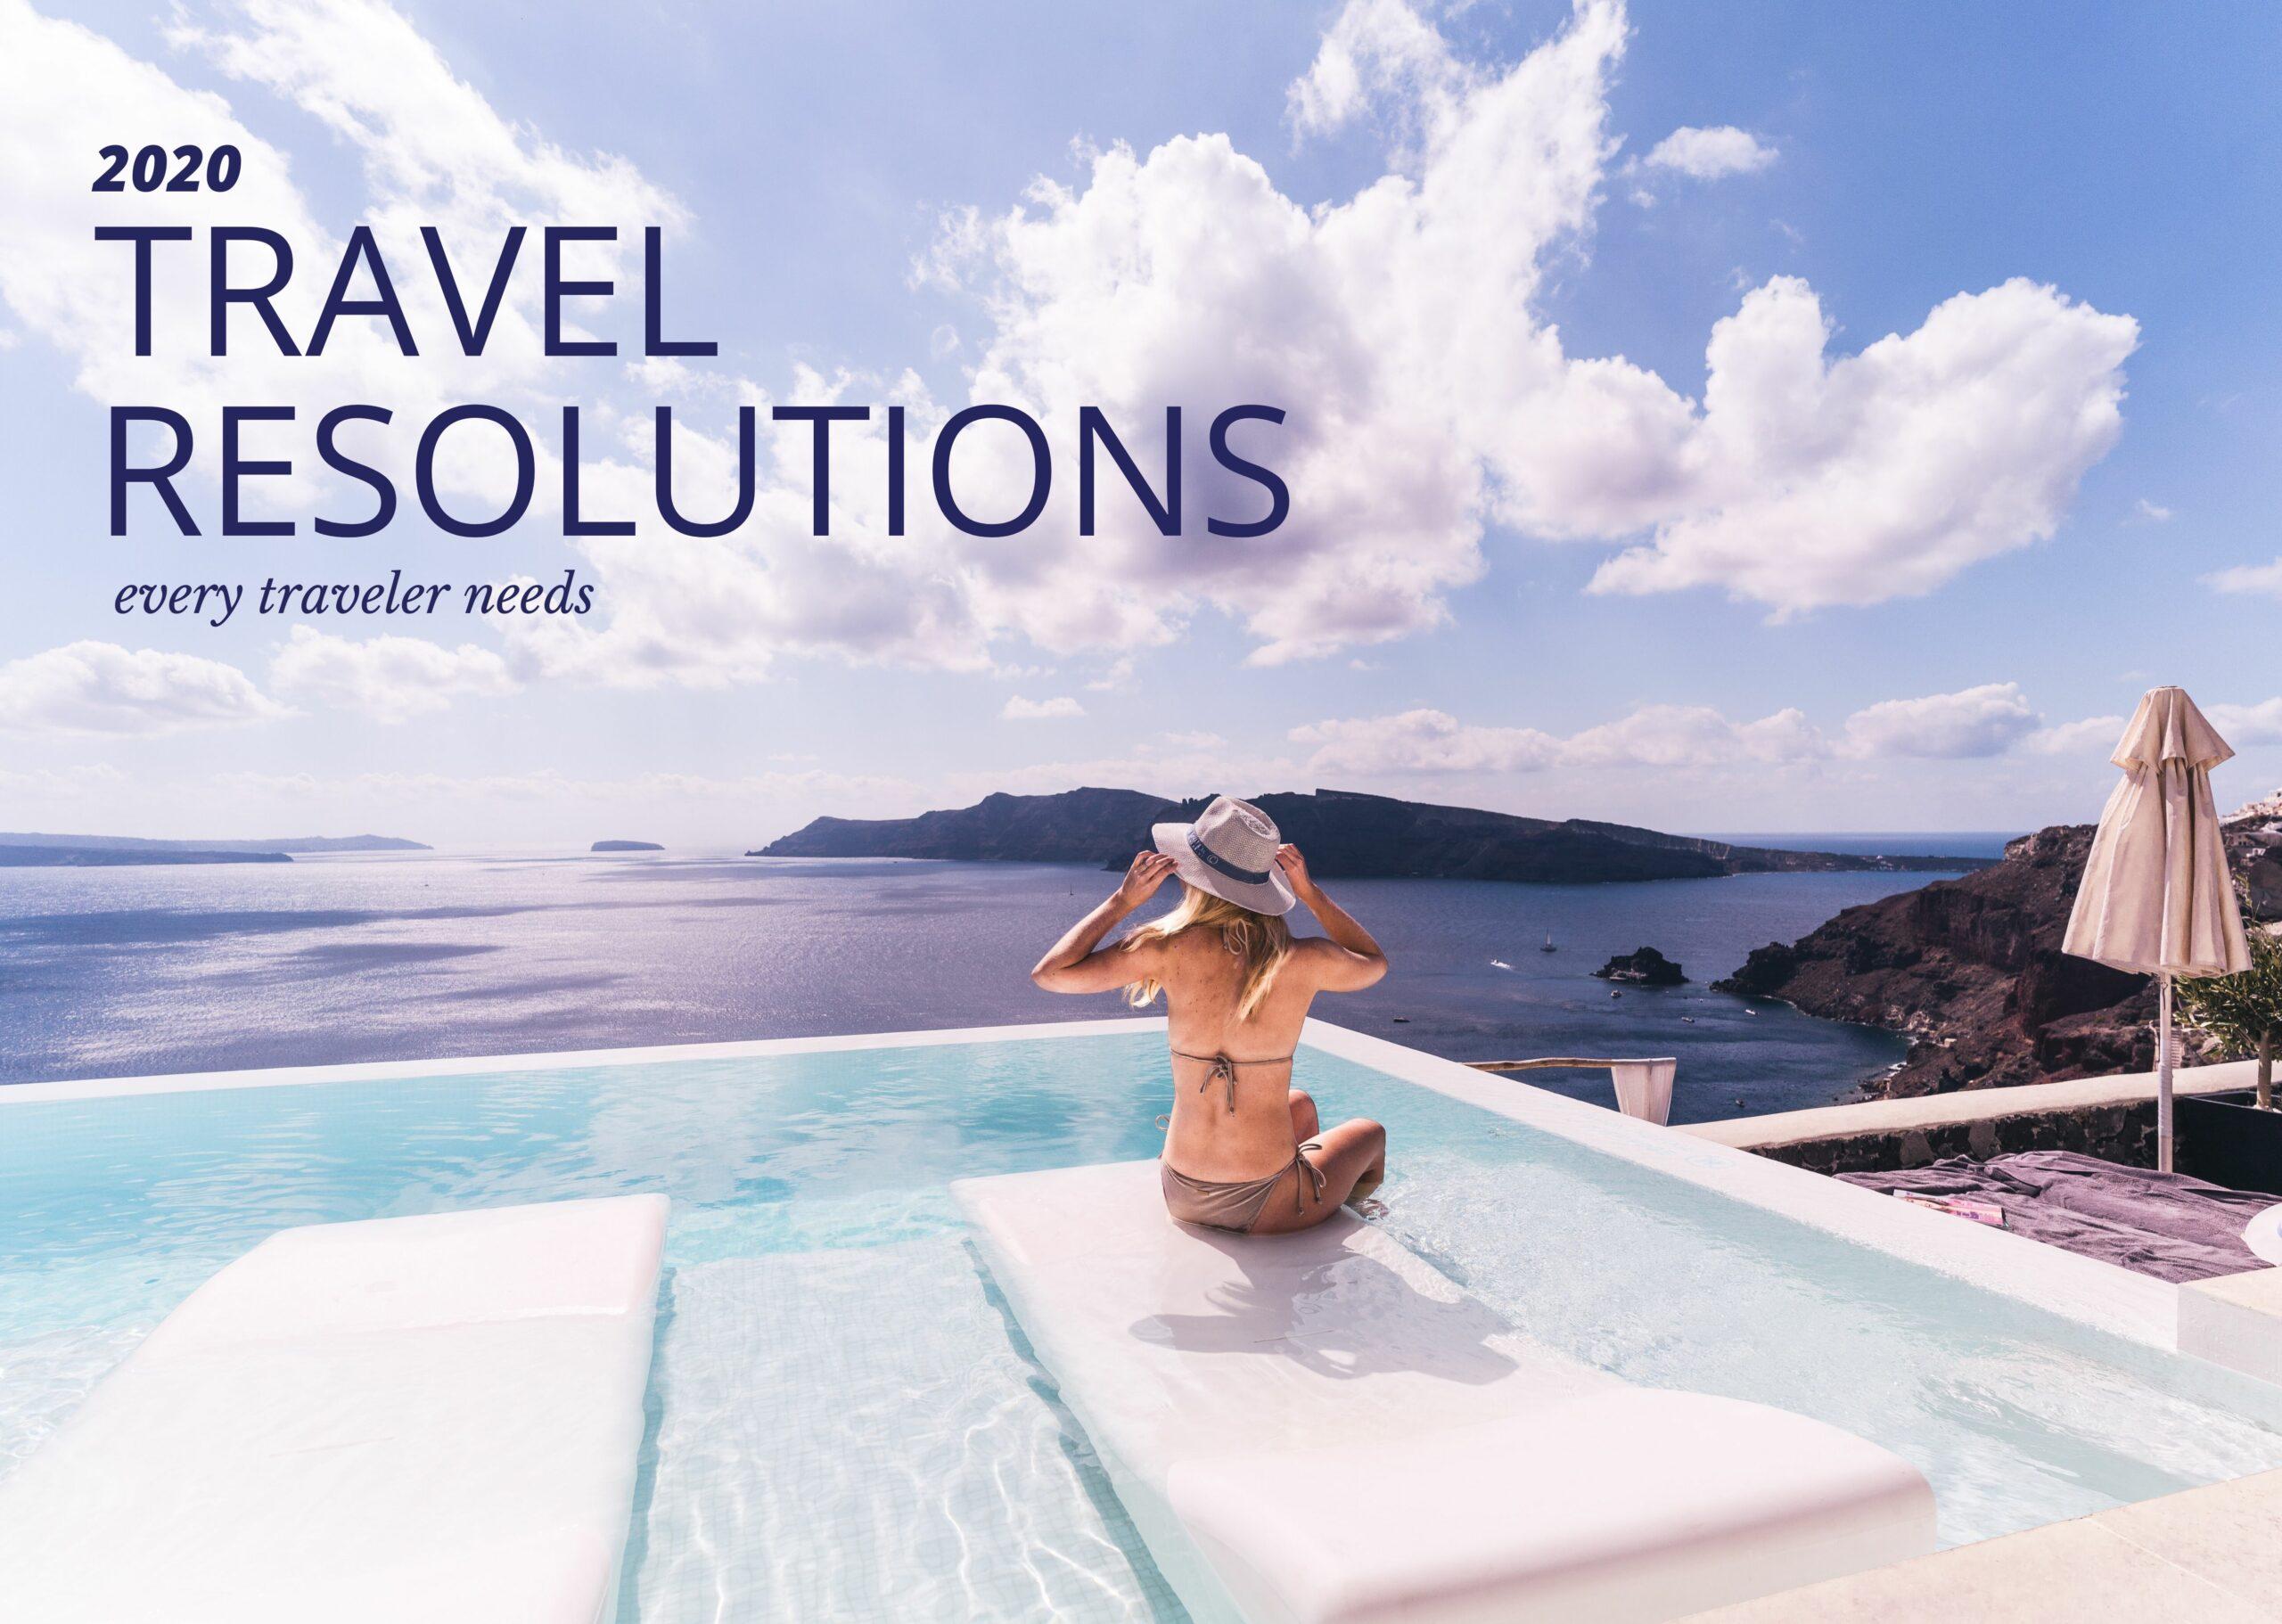 2020 Travel Resolutions Every Traveler Needs